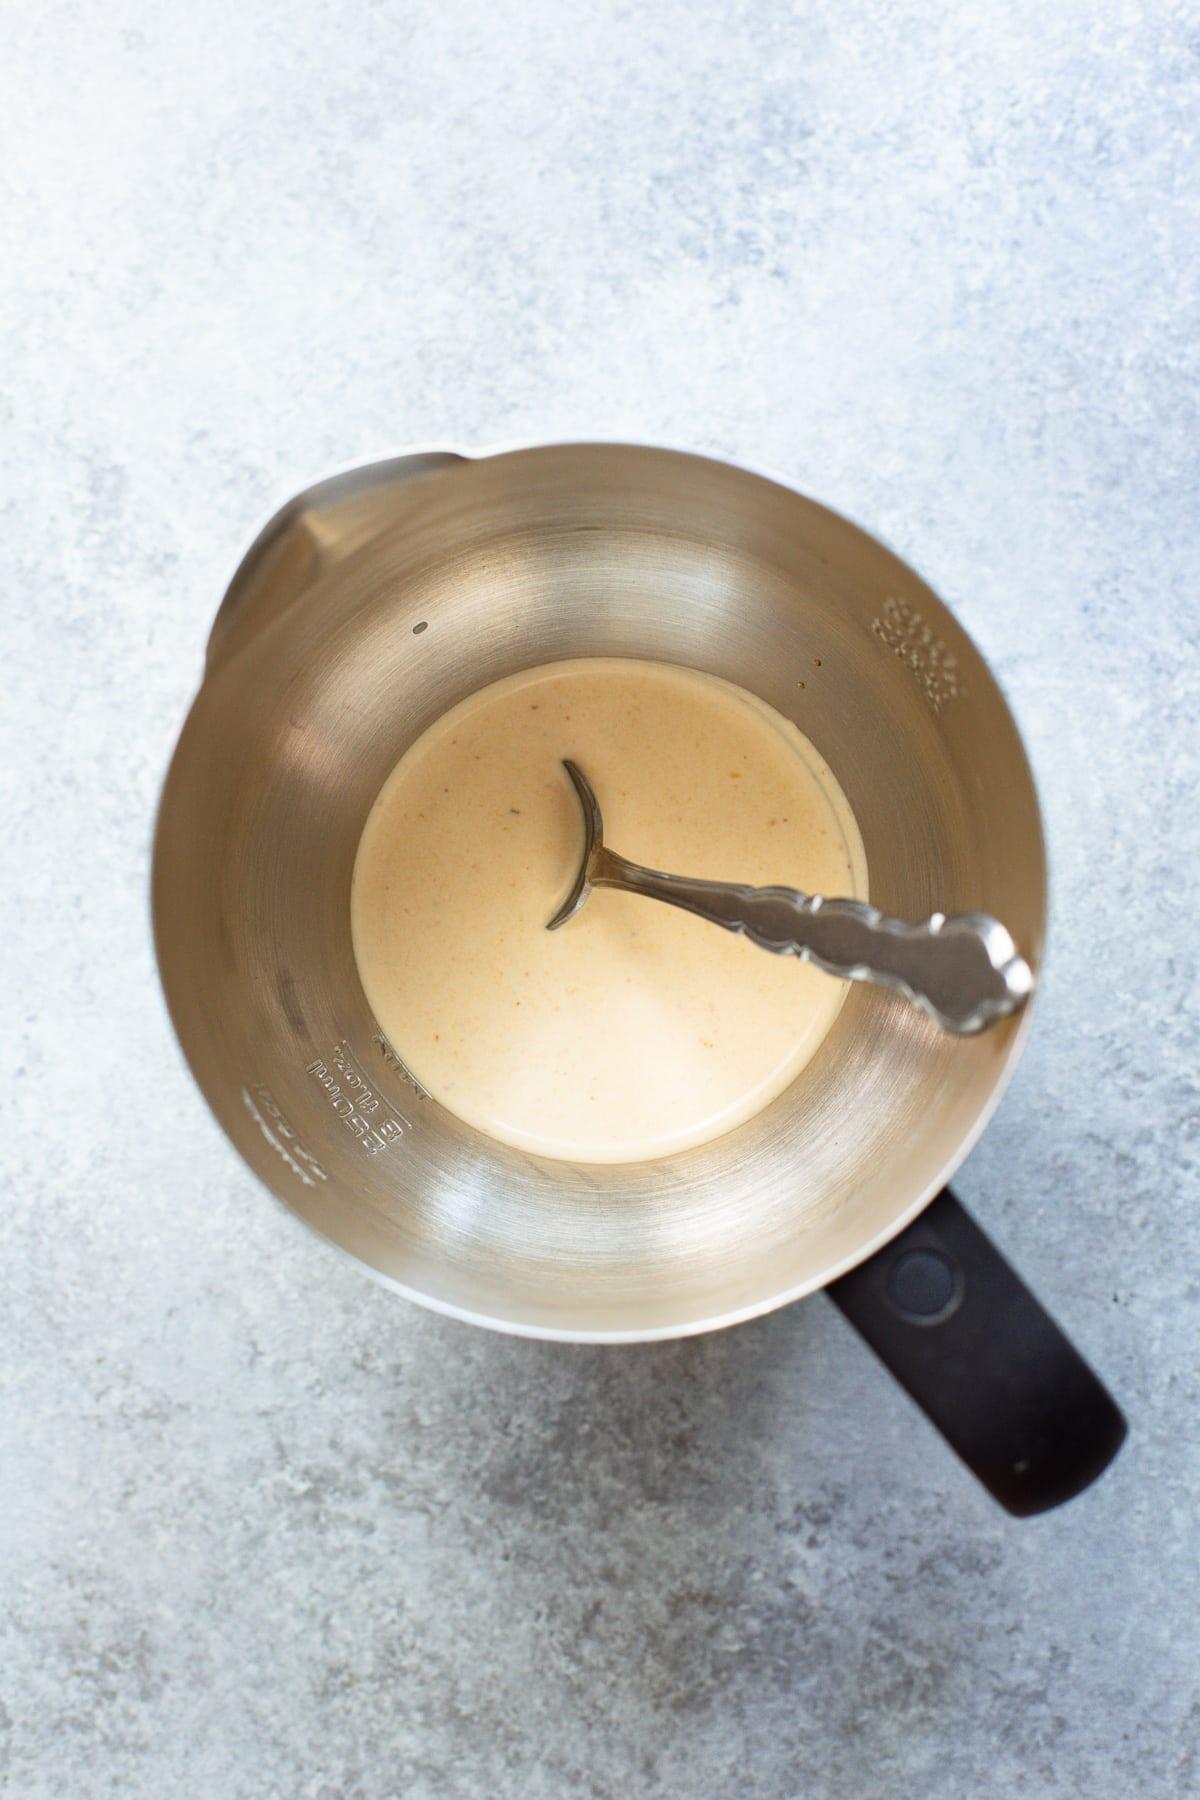 Pumpkin cream cold foam in a milk frother.